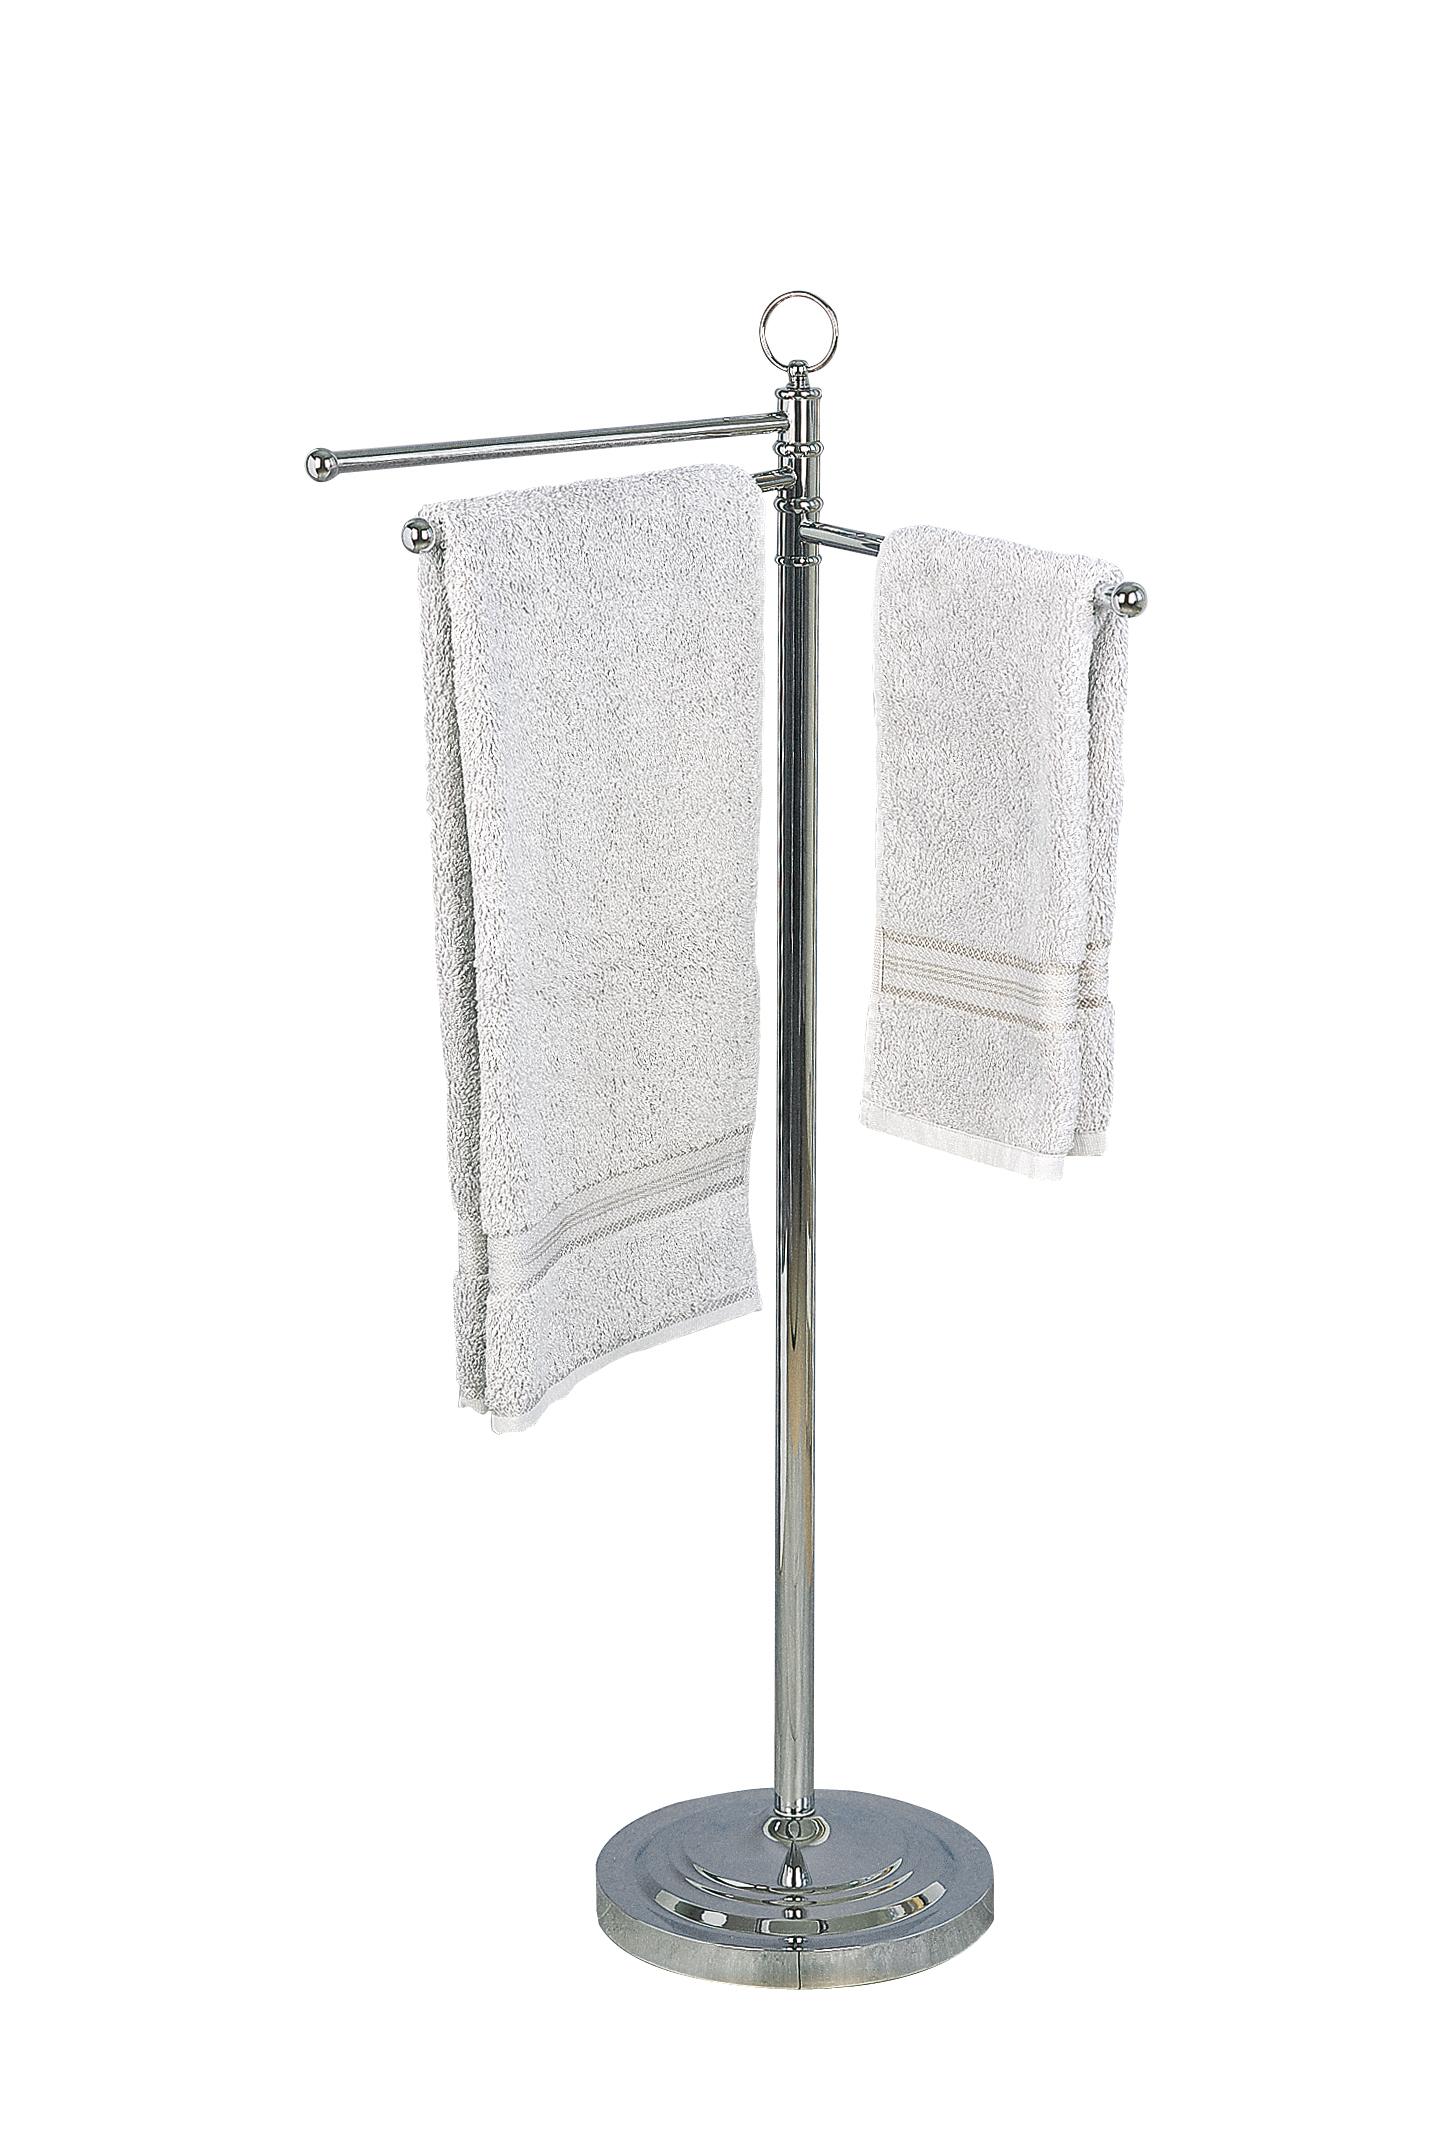 Badrum handdukshållare ~ xellen.com